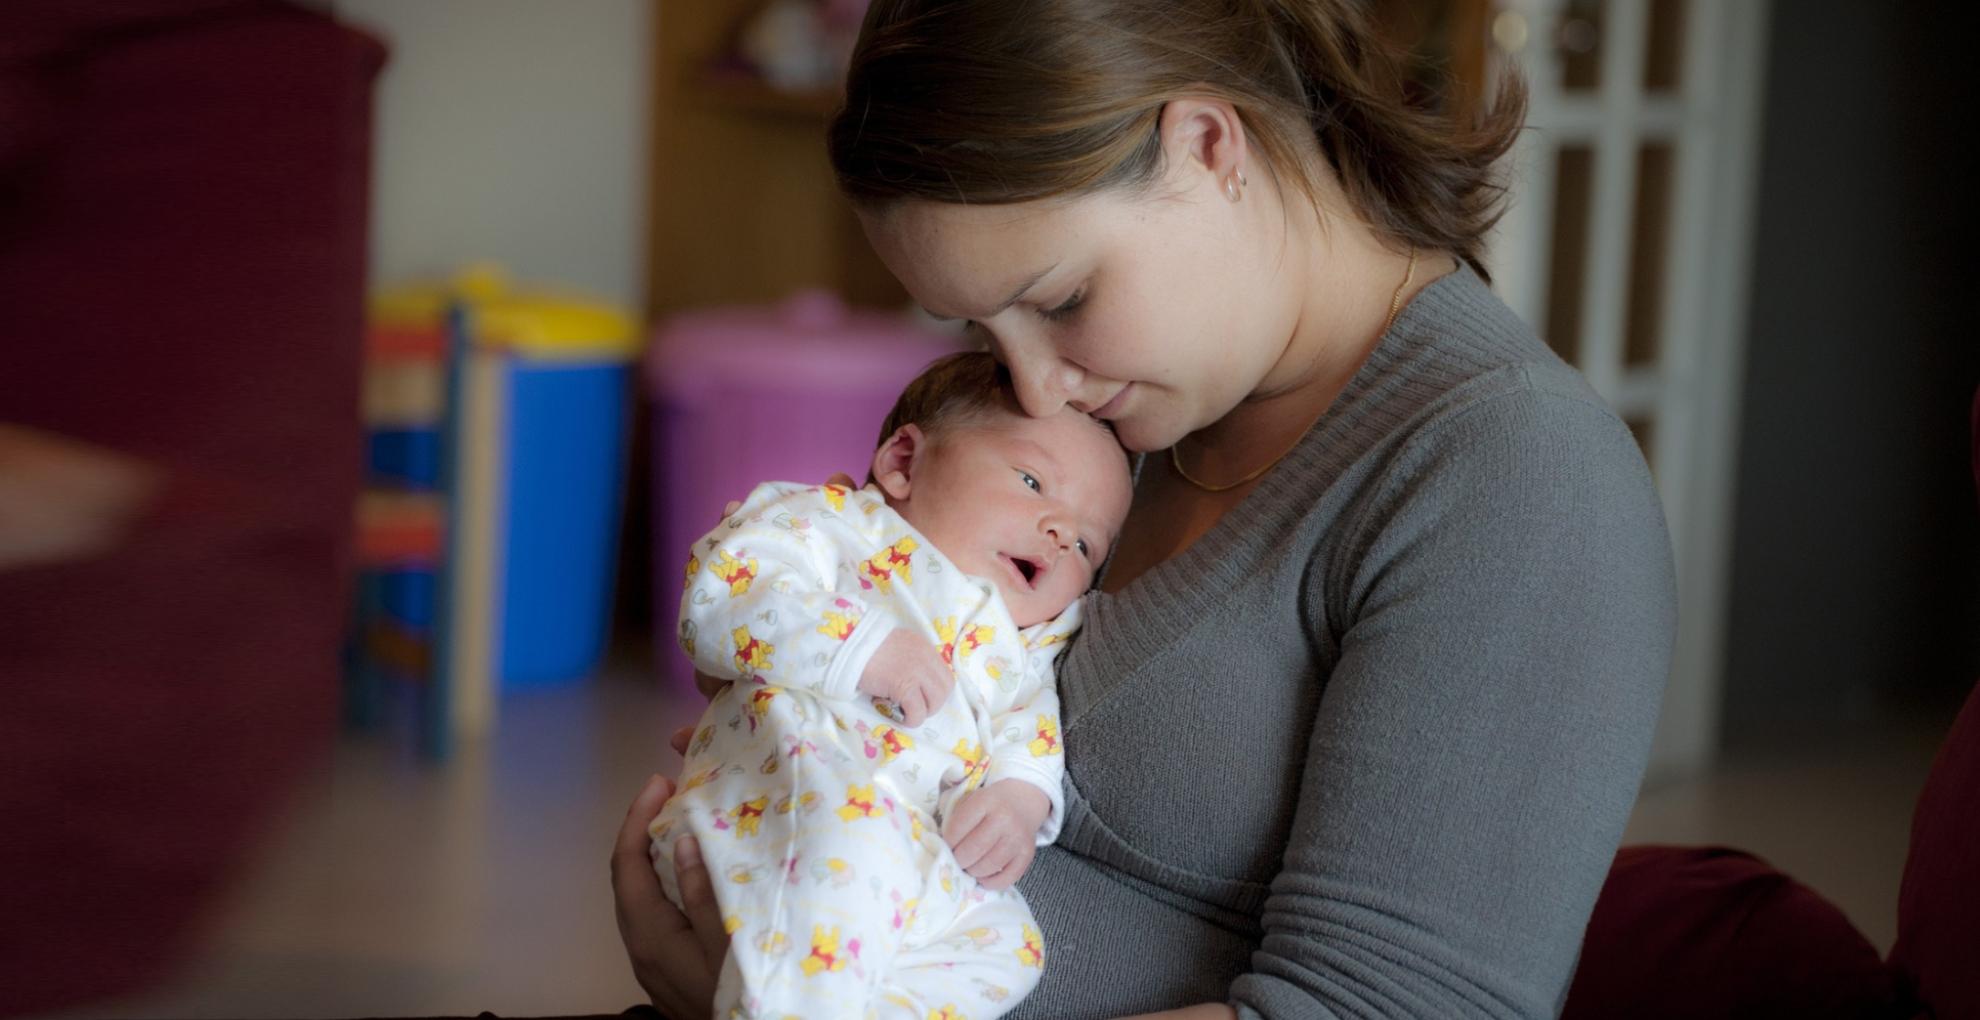 Baby Care Tips: आपकी ये 5 गलतियां आपके बच्चे को कर सकती हैं बीमार, इनसे हमेशा रहें दूर